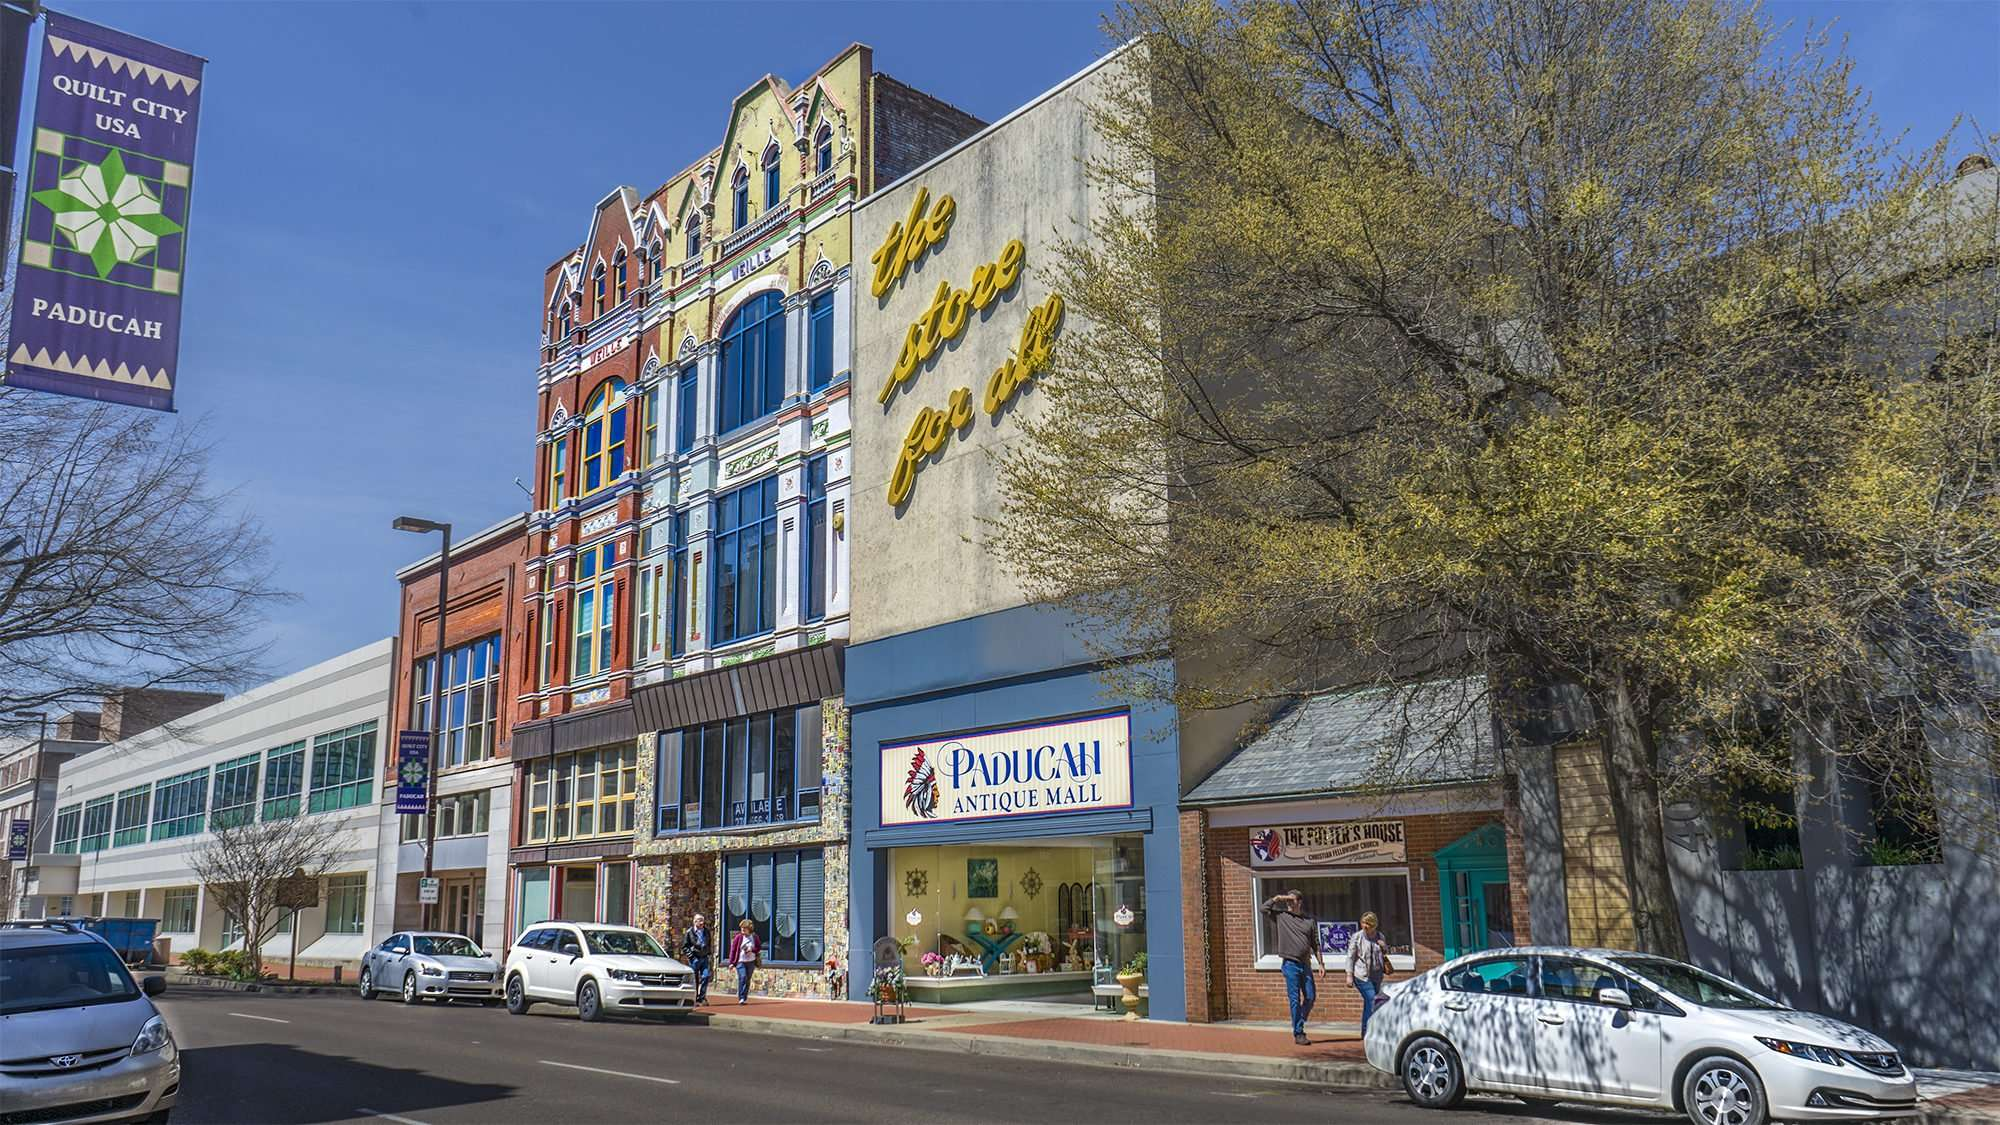 April 8, 2017 - Paducah Antique Mall, Broadway Main Street, Paducah, KY/photonews247.com